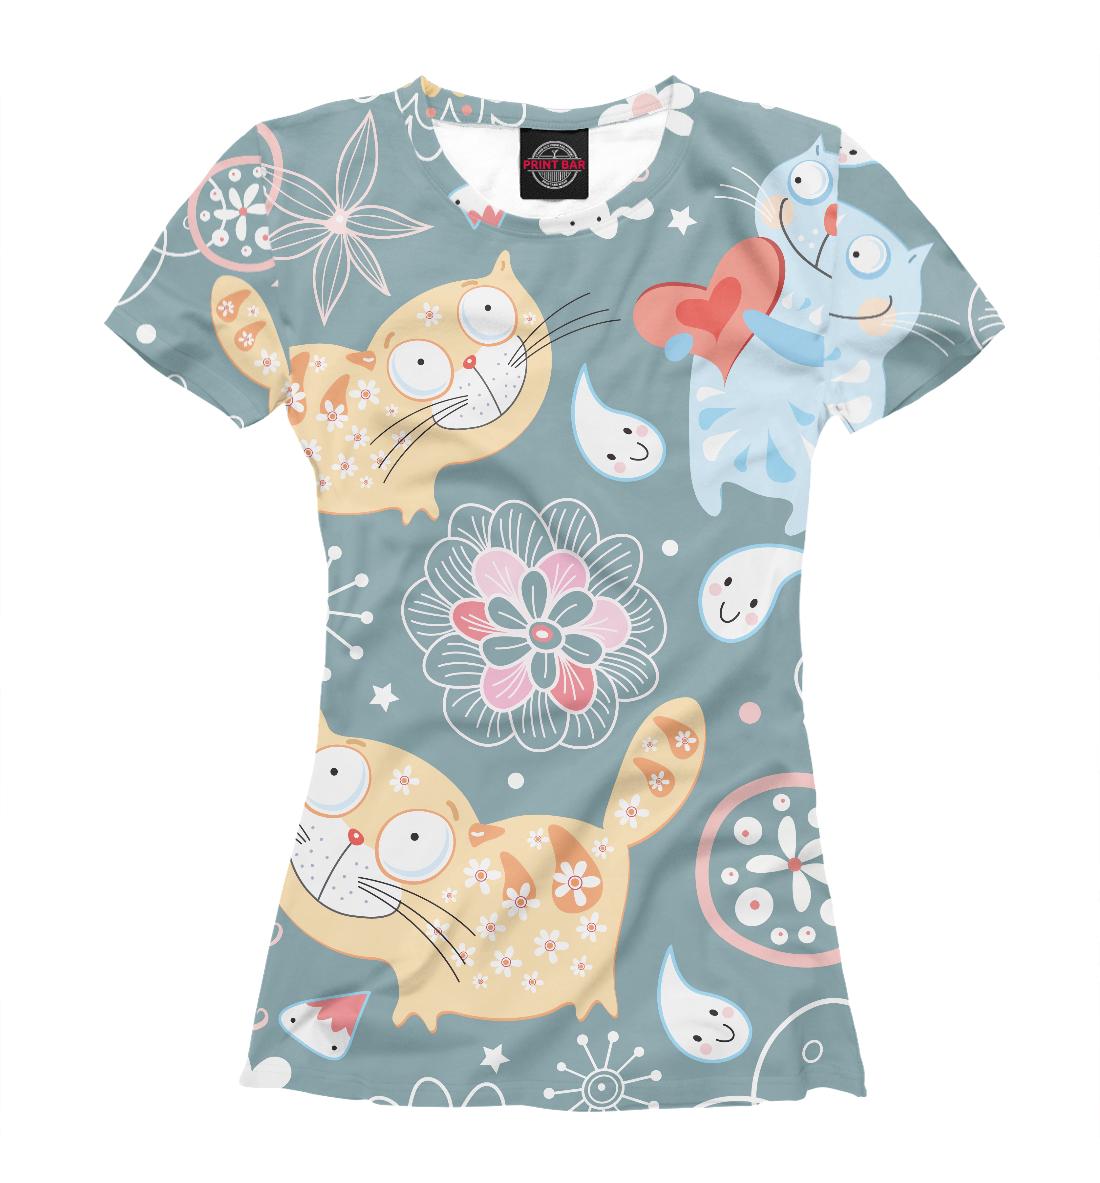 Купить Милые котики, Printbar, Футболки, CAT-342824-fut-1